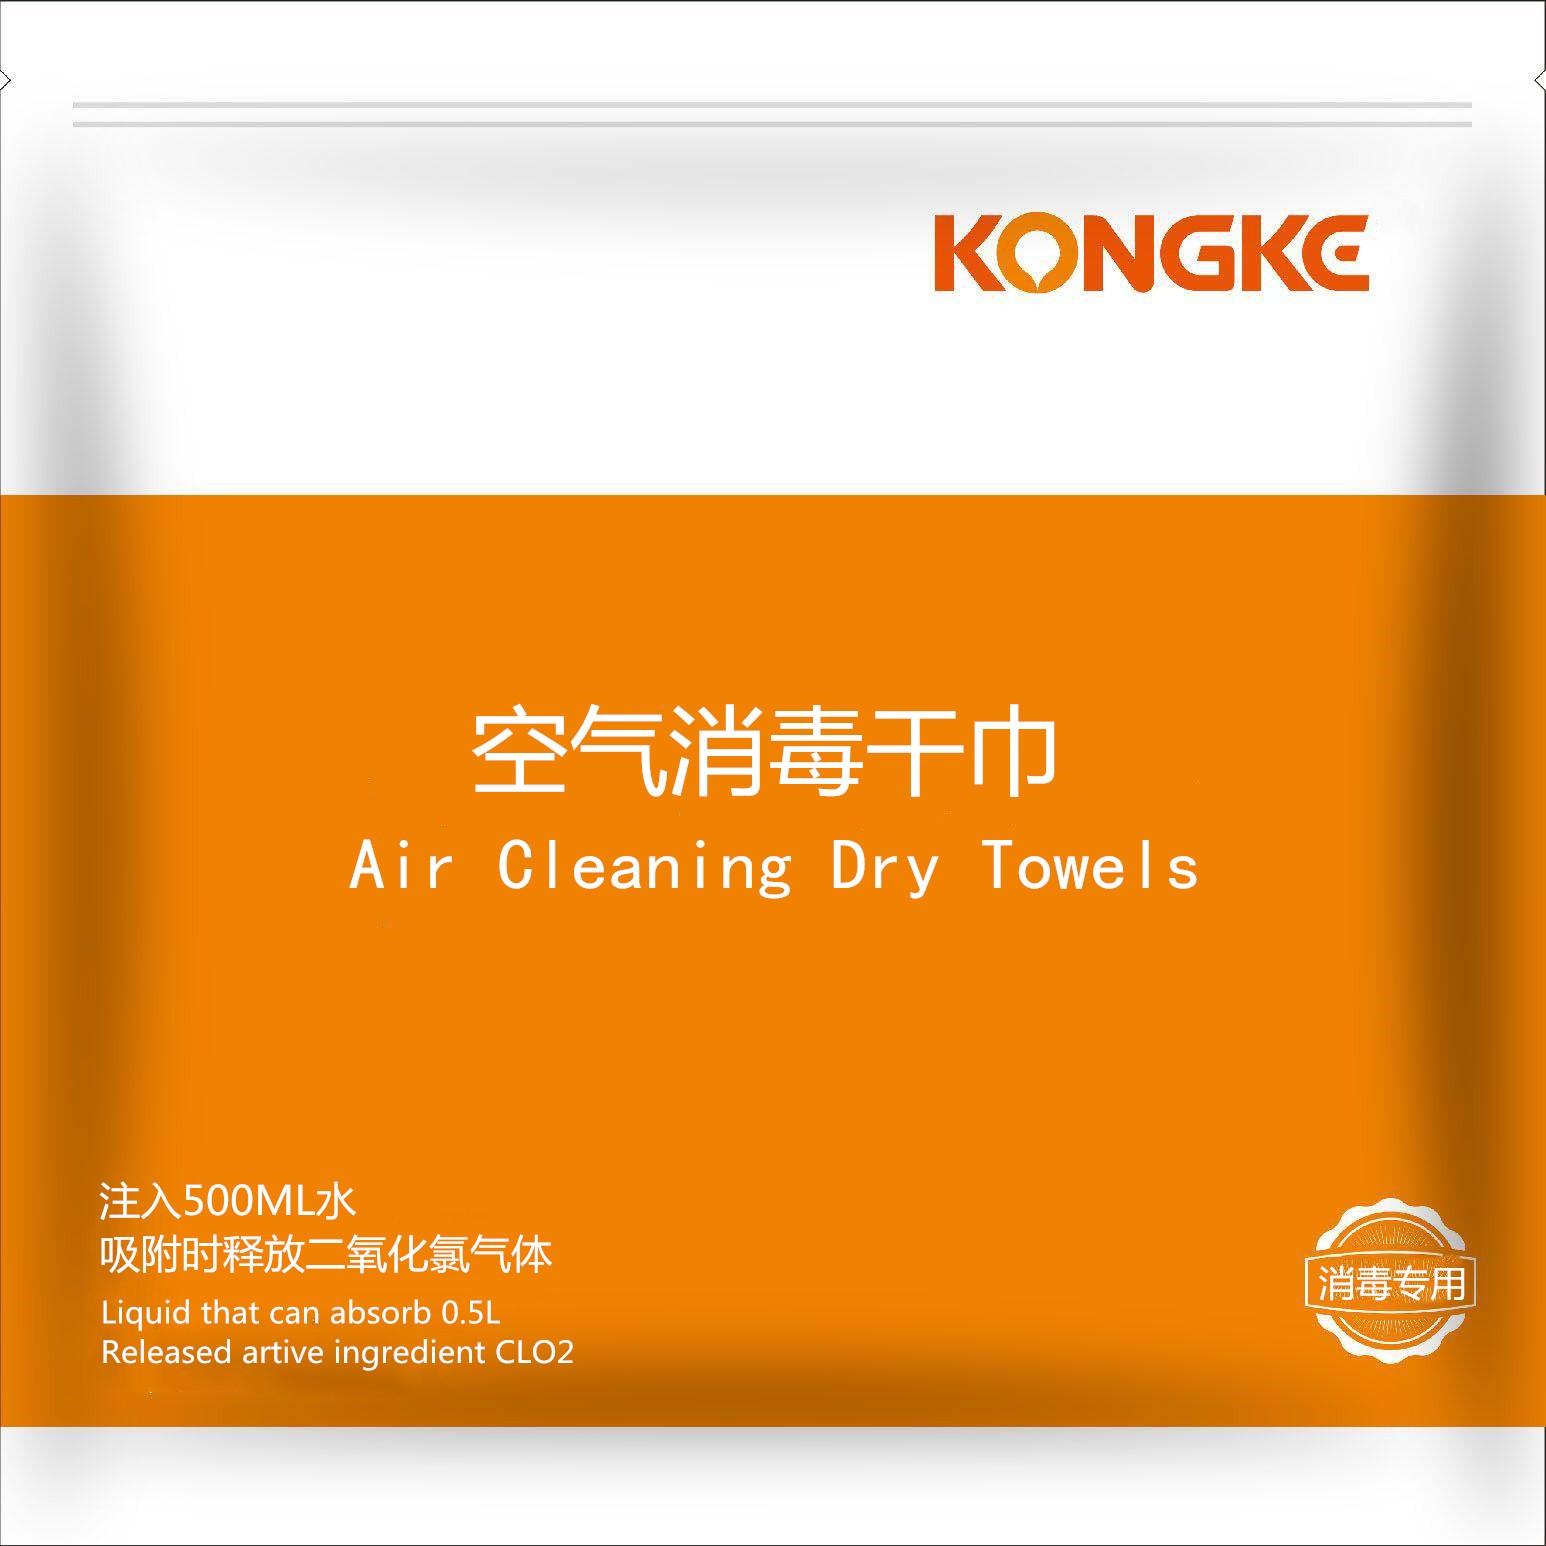 空气消毒干巾